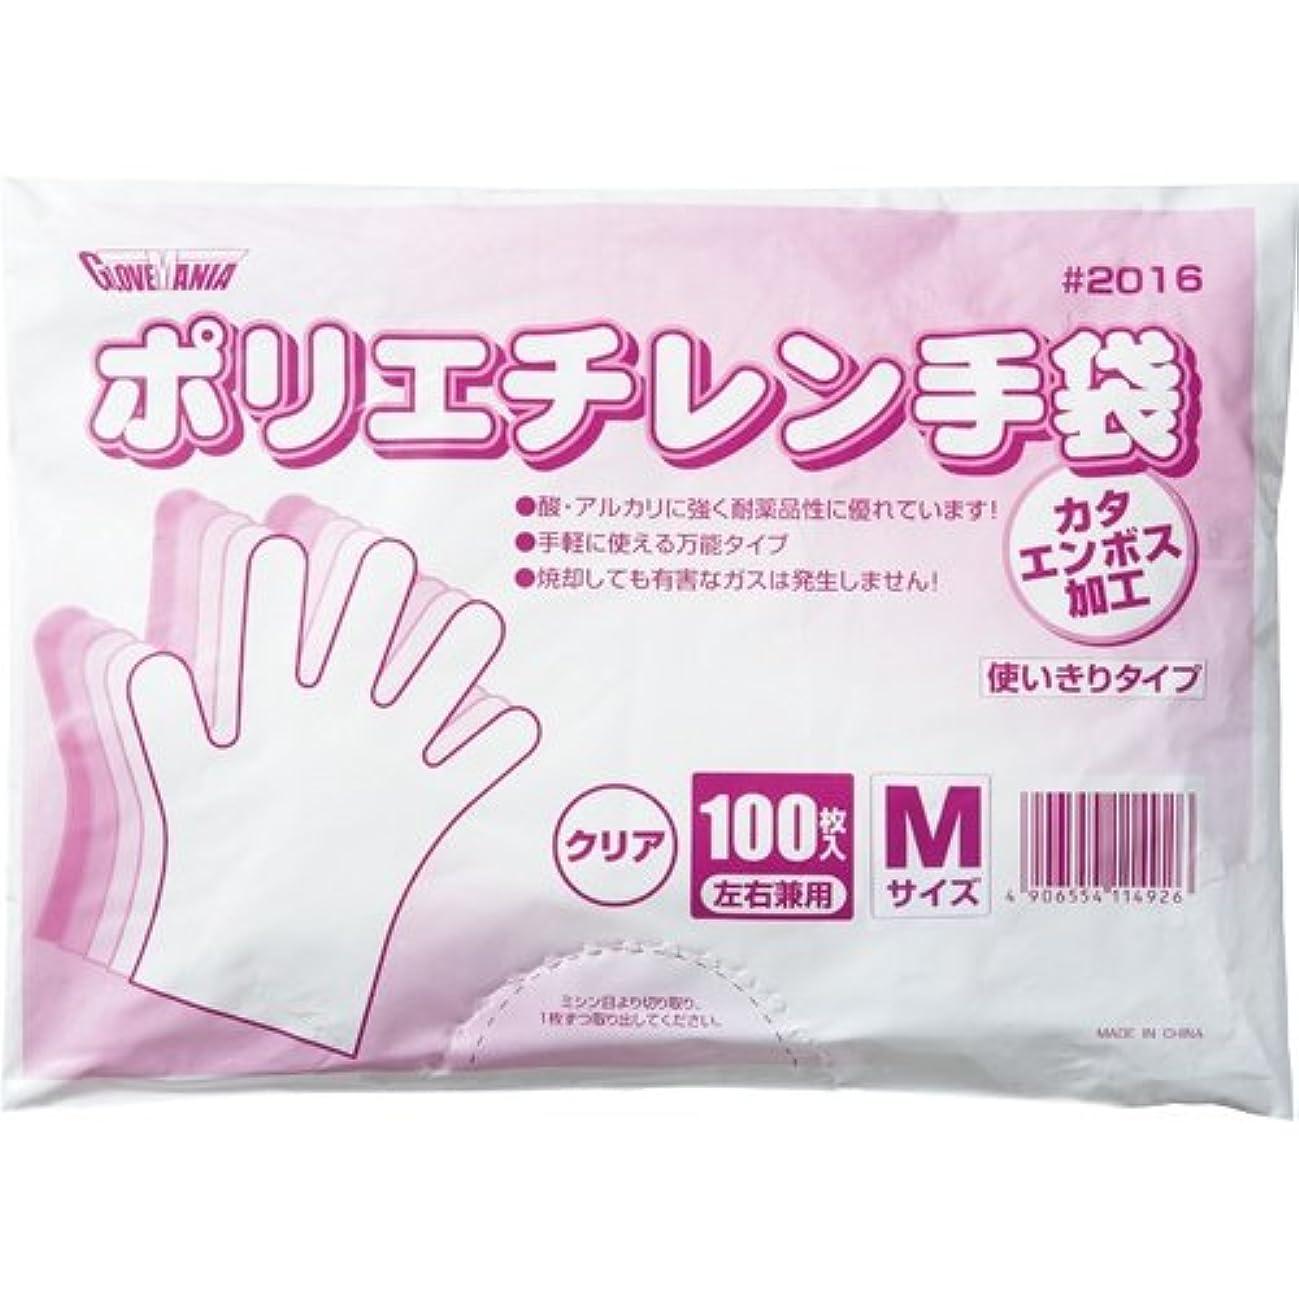 太平洋諸島悩む無許可川西工業 ポリエチレン手袋 カタエンボス クリア M #2016 1セット(10000枚:100枚×100パック)